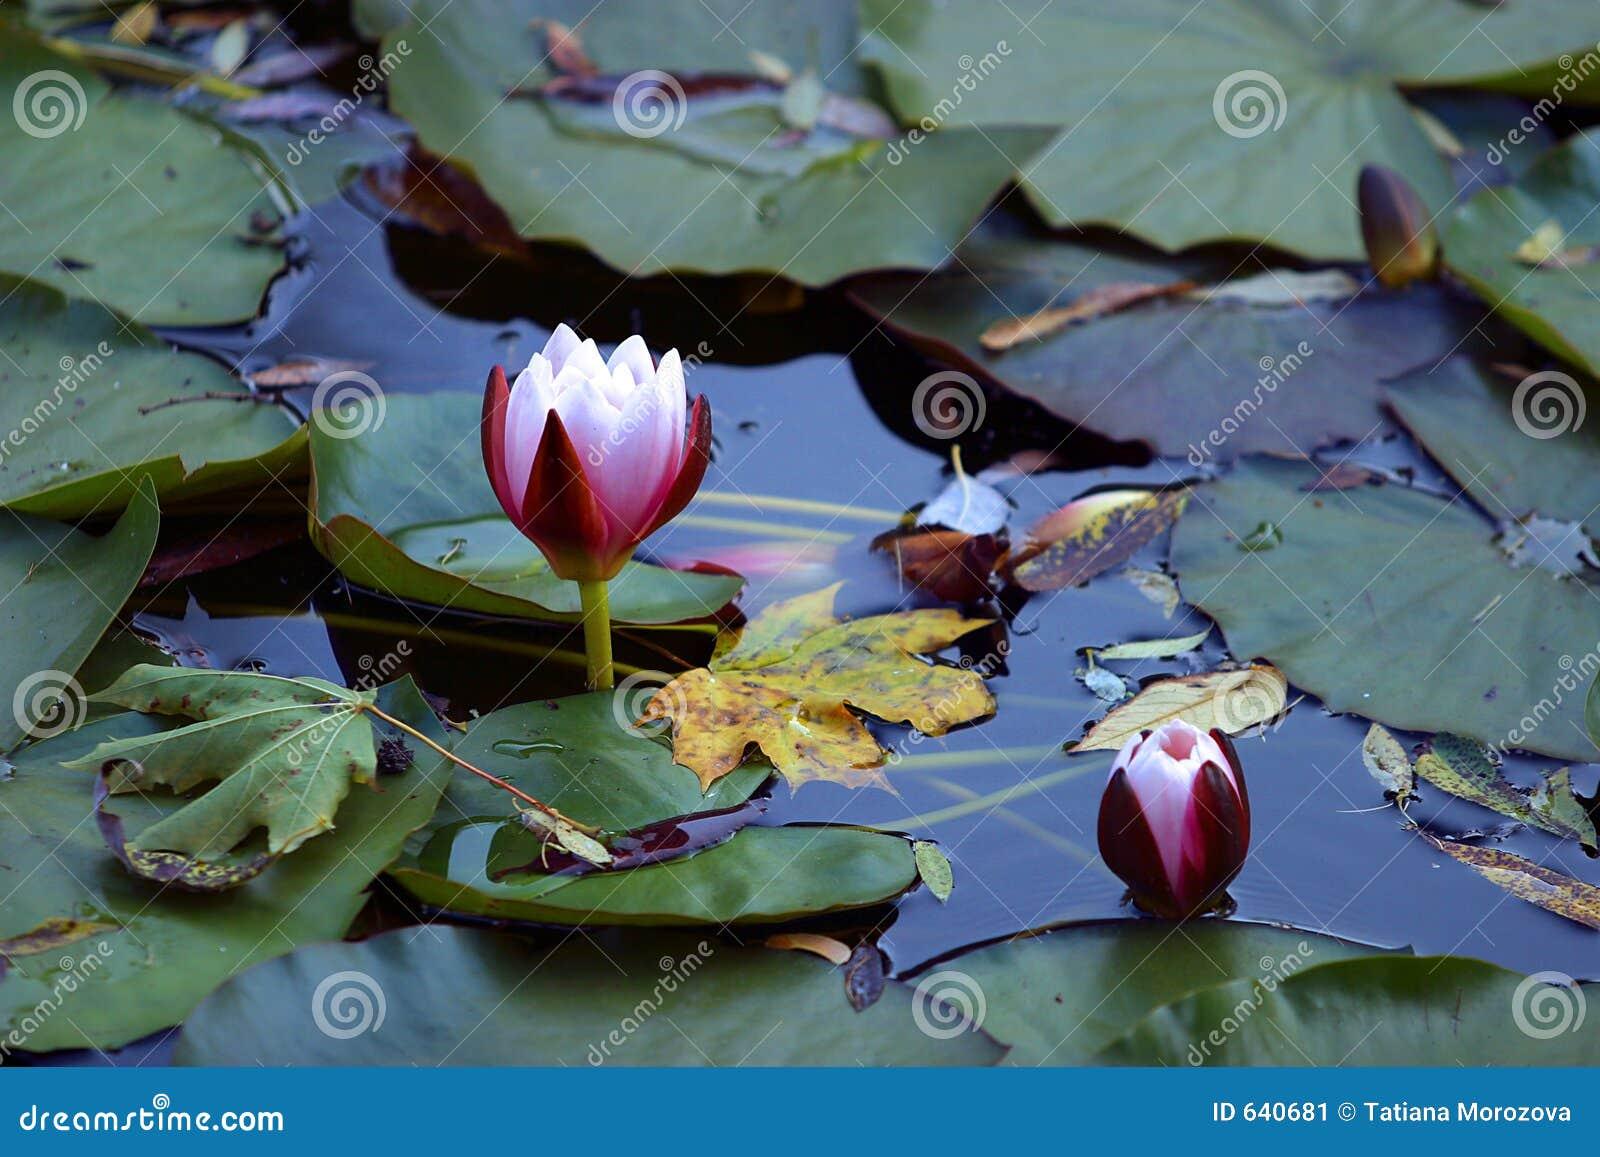 Download Lotuses стоковое изображение. изображение насчитывающей листья - 640681